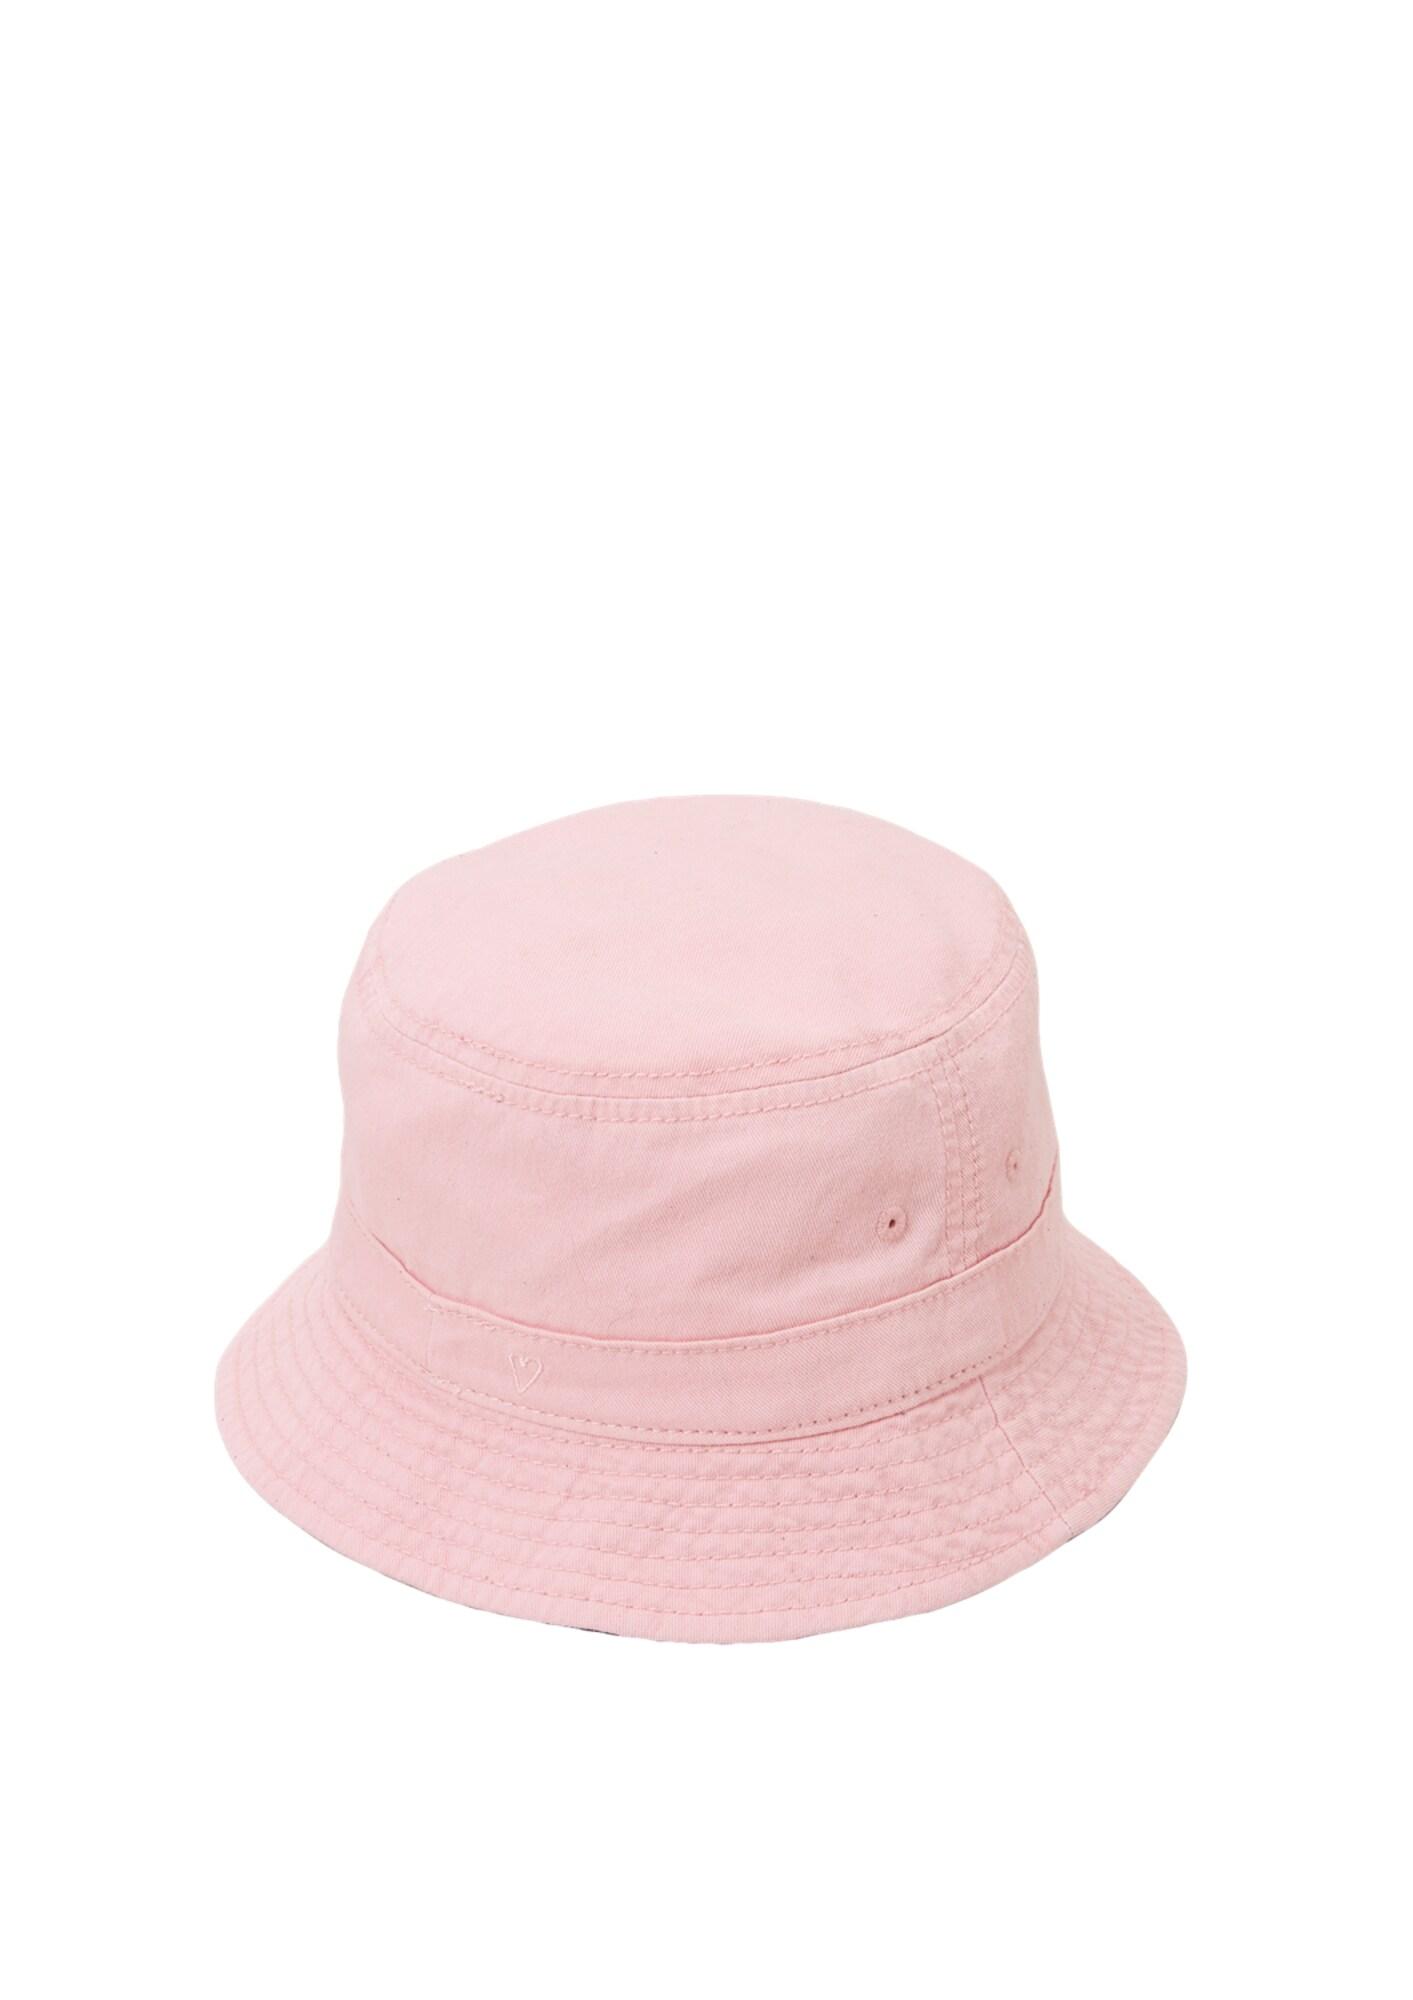 Sonnenhut   Accessoires > Hüte > Sonnenhüte   s.Oliver